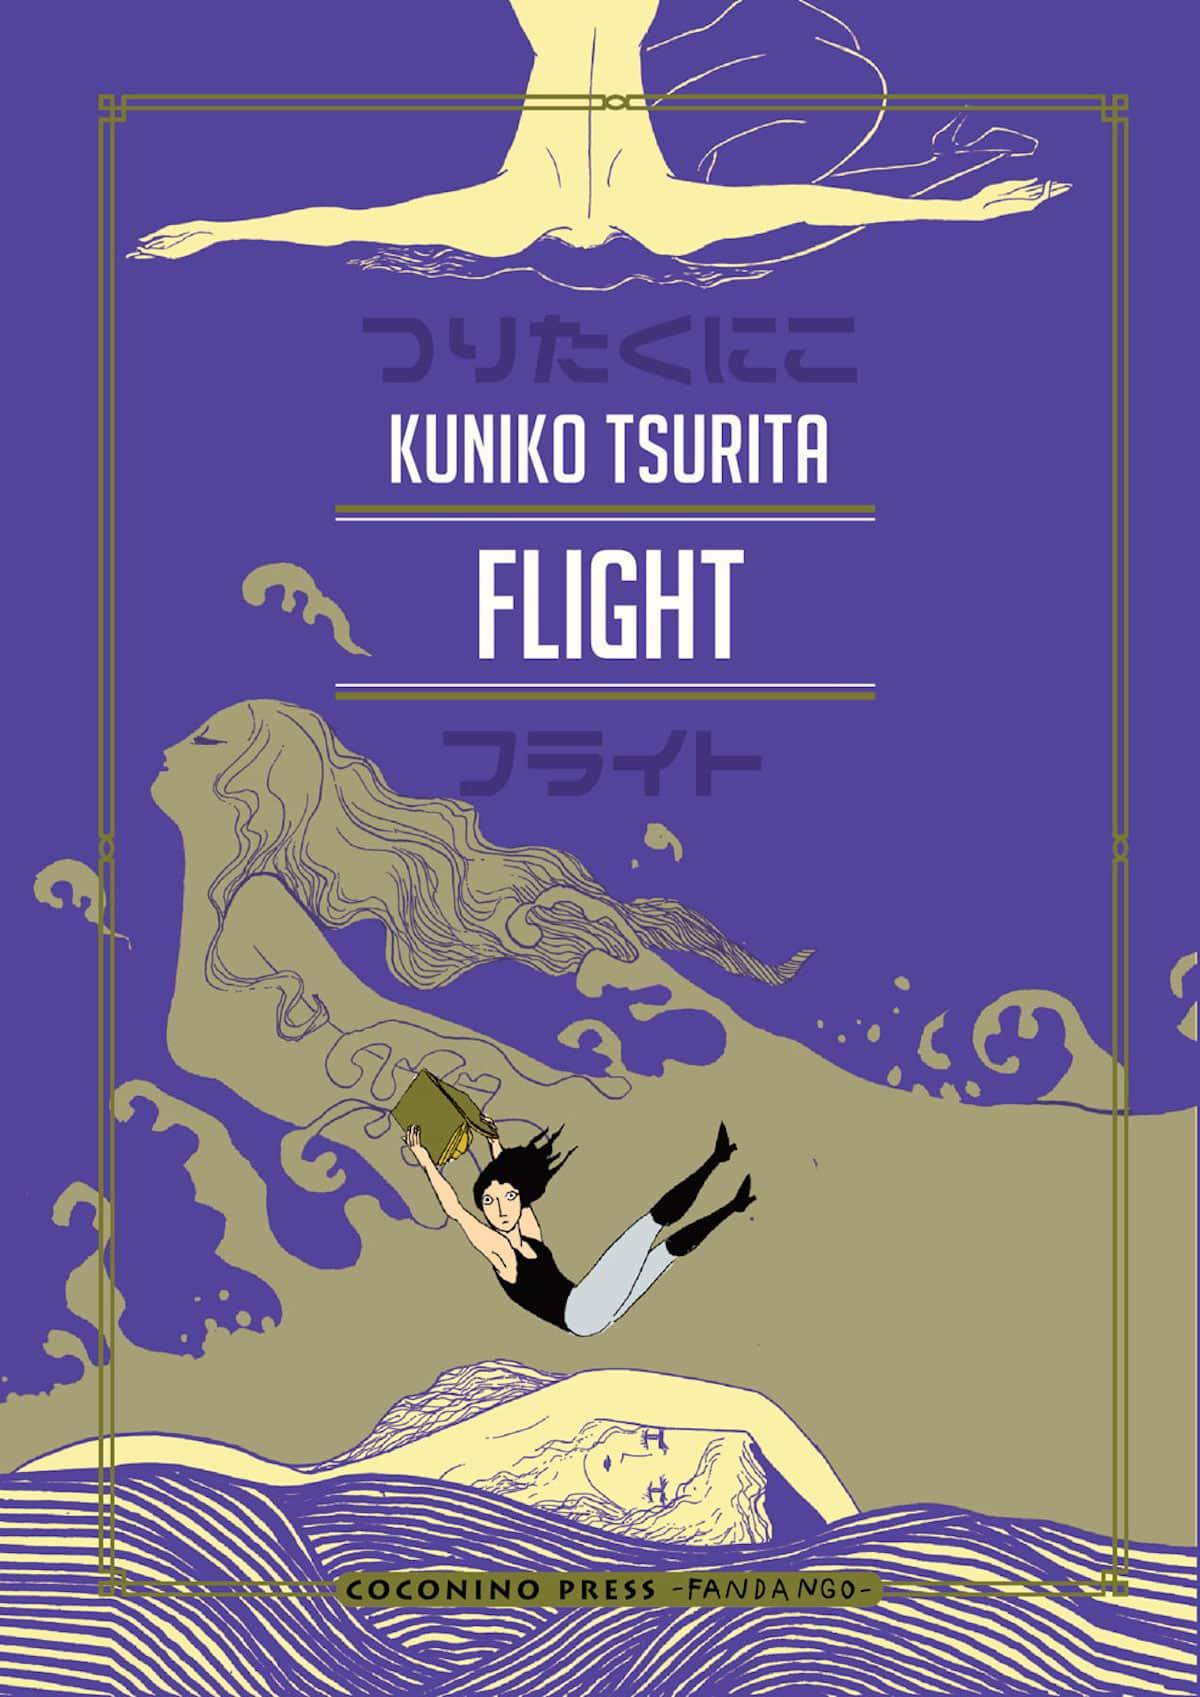 Flight Kuniko Tsurita coconino